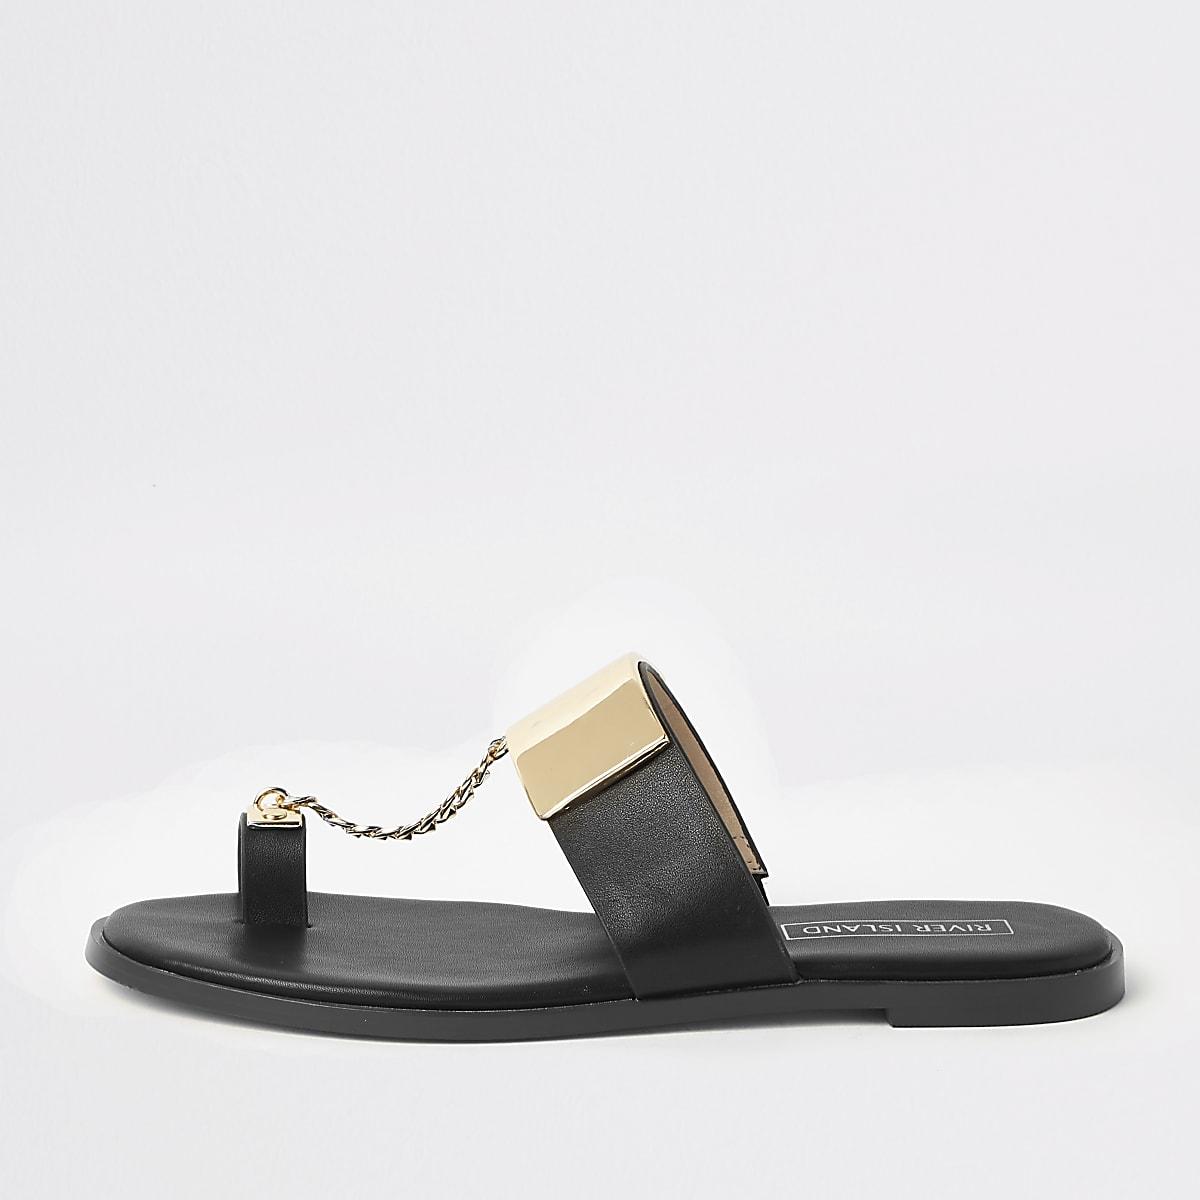 Schwarze Sandalen mit Zehensteg